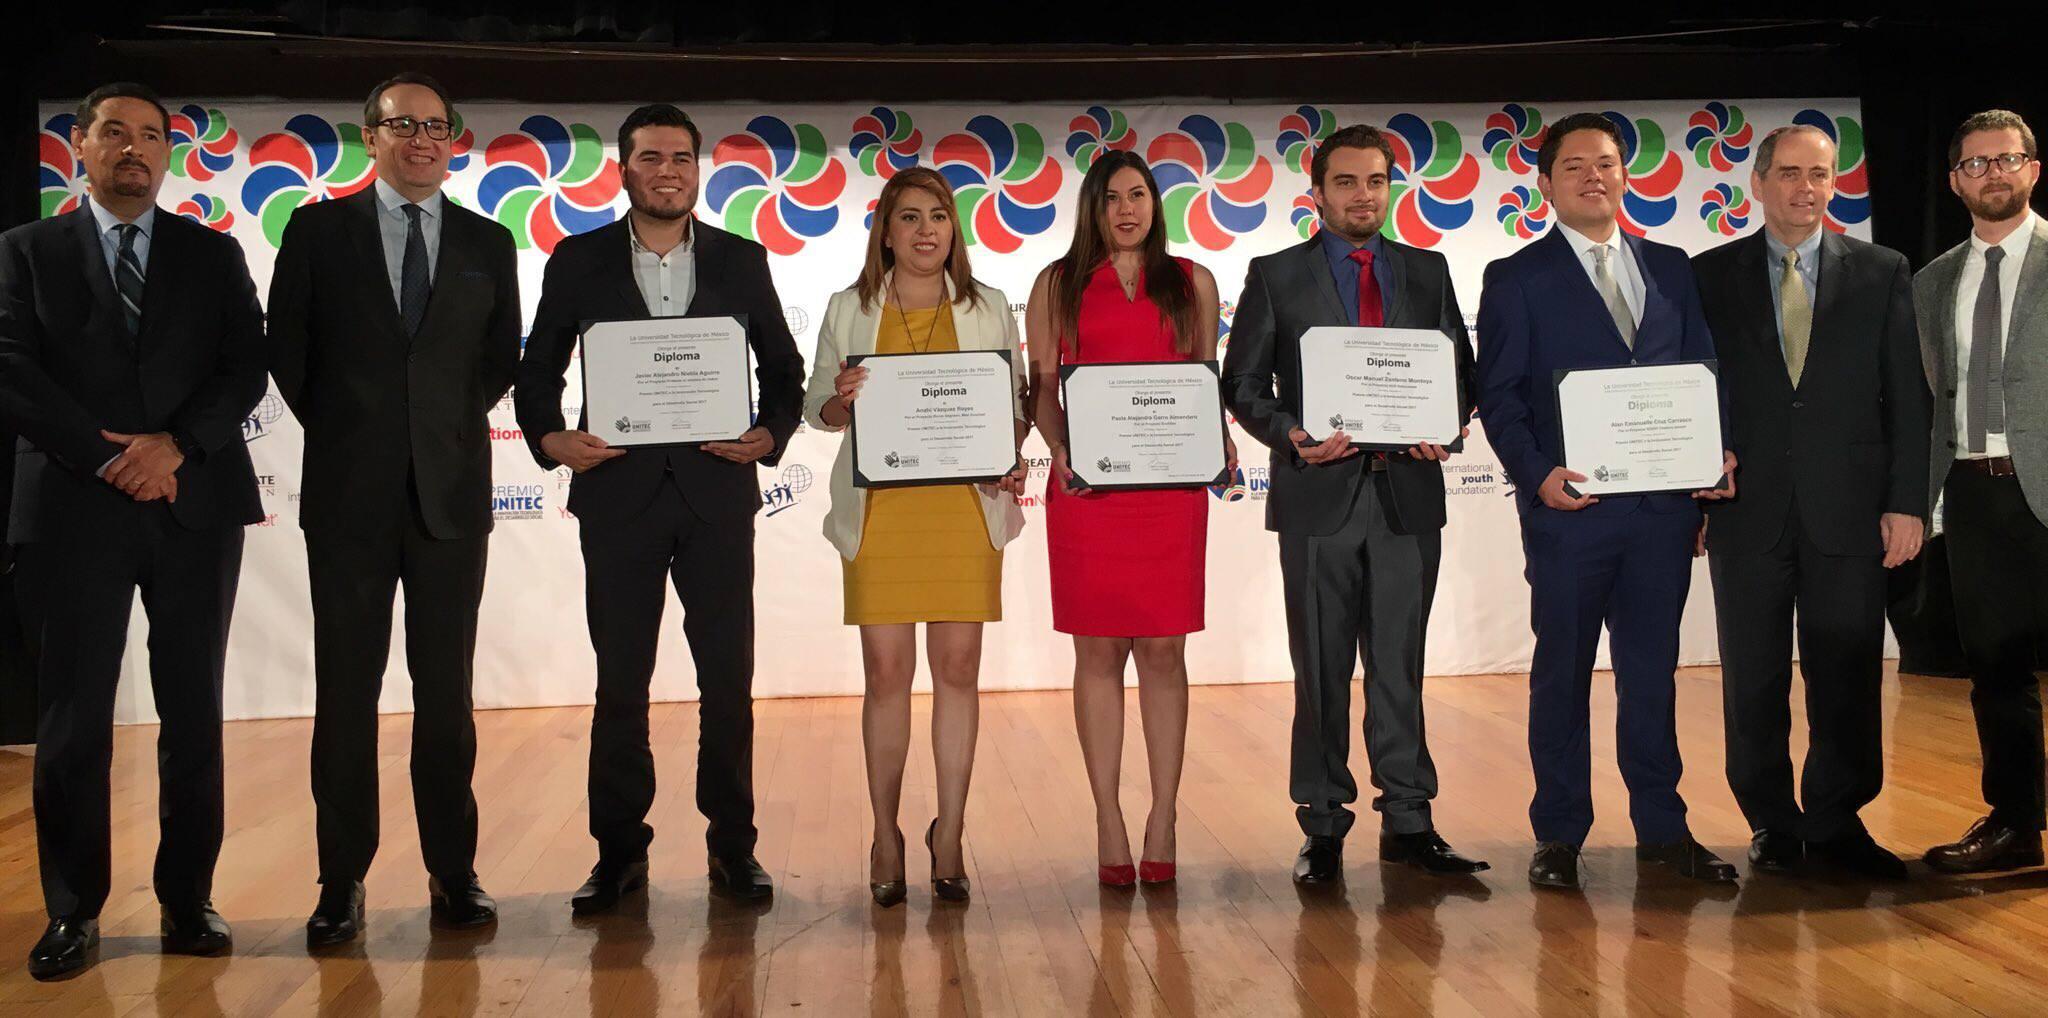 5 proyectos innovadores reconocidos con el Premio UNITEC 2017 - Featured Image